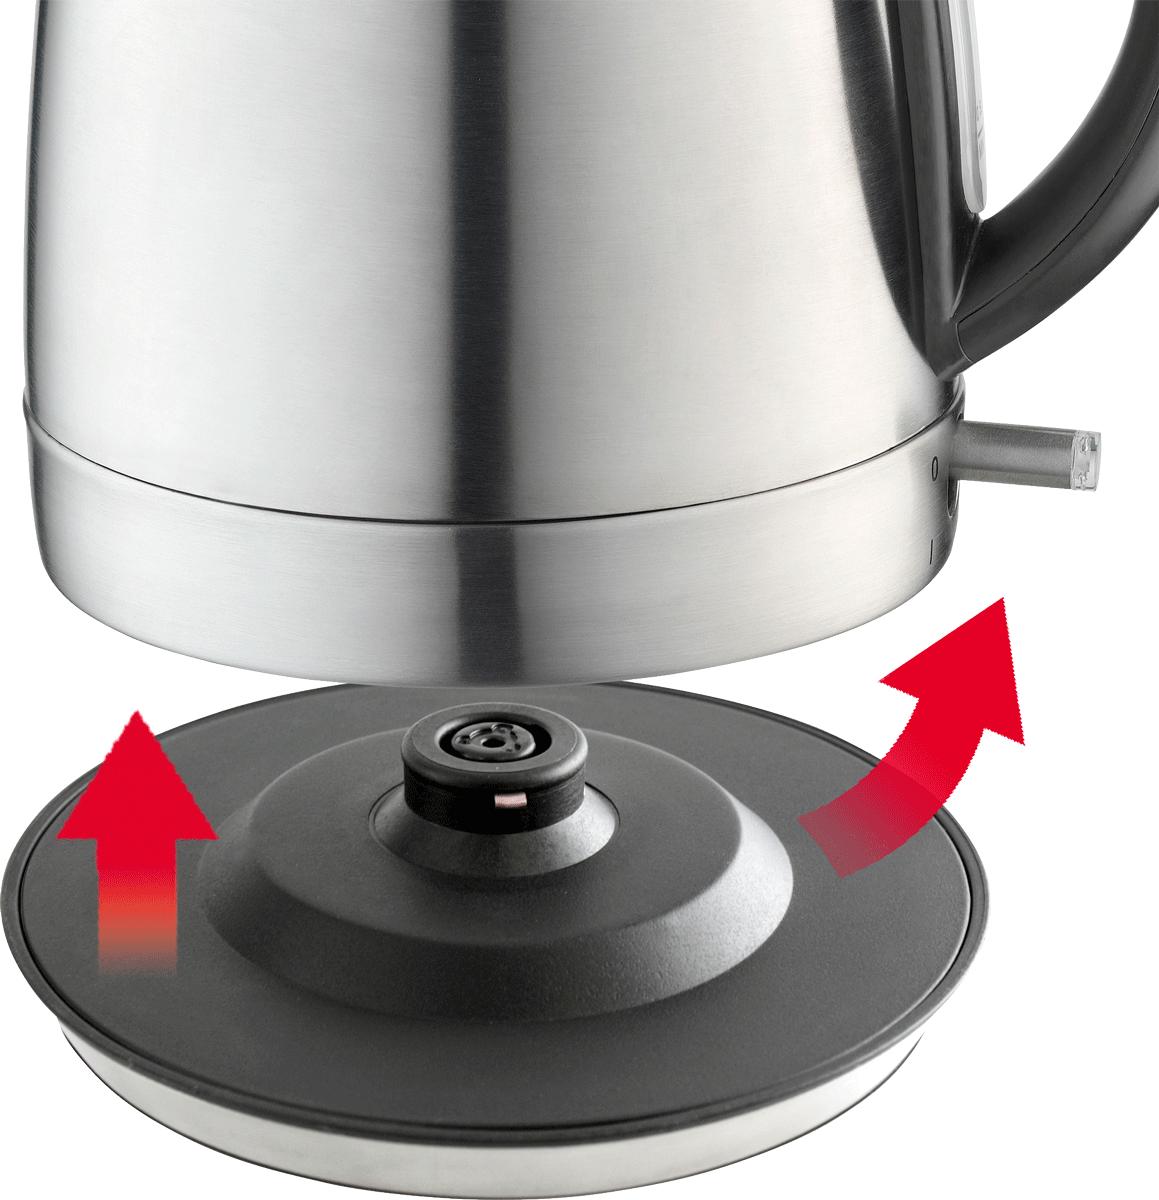 trisa bouilloire 1 2 litre 1850 2200 watt arr t automatique acier inox chauffe eau. Black Bedroom Furniture Sets. Home Design Ideas